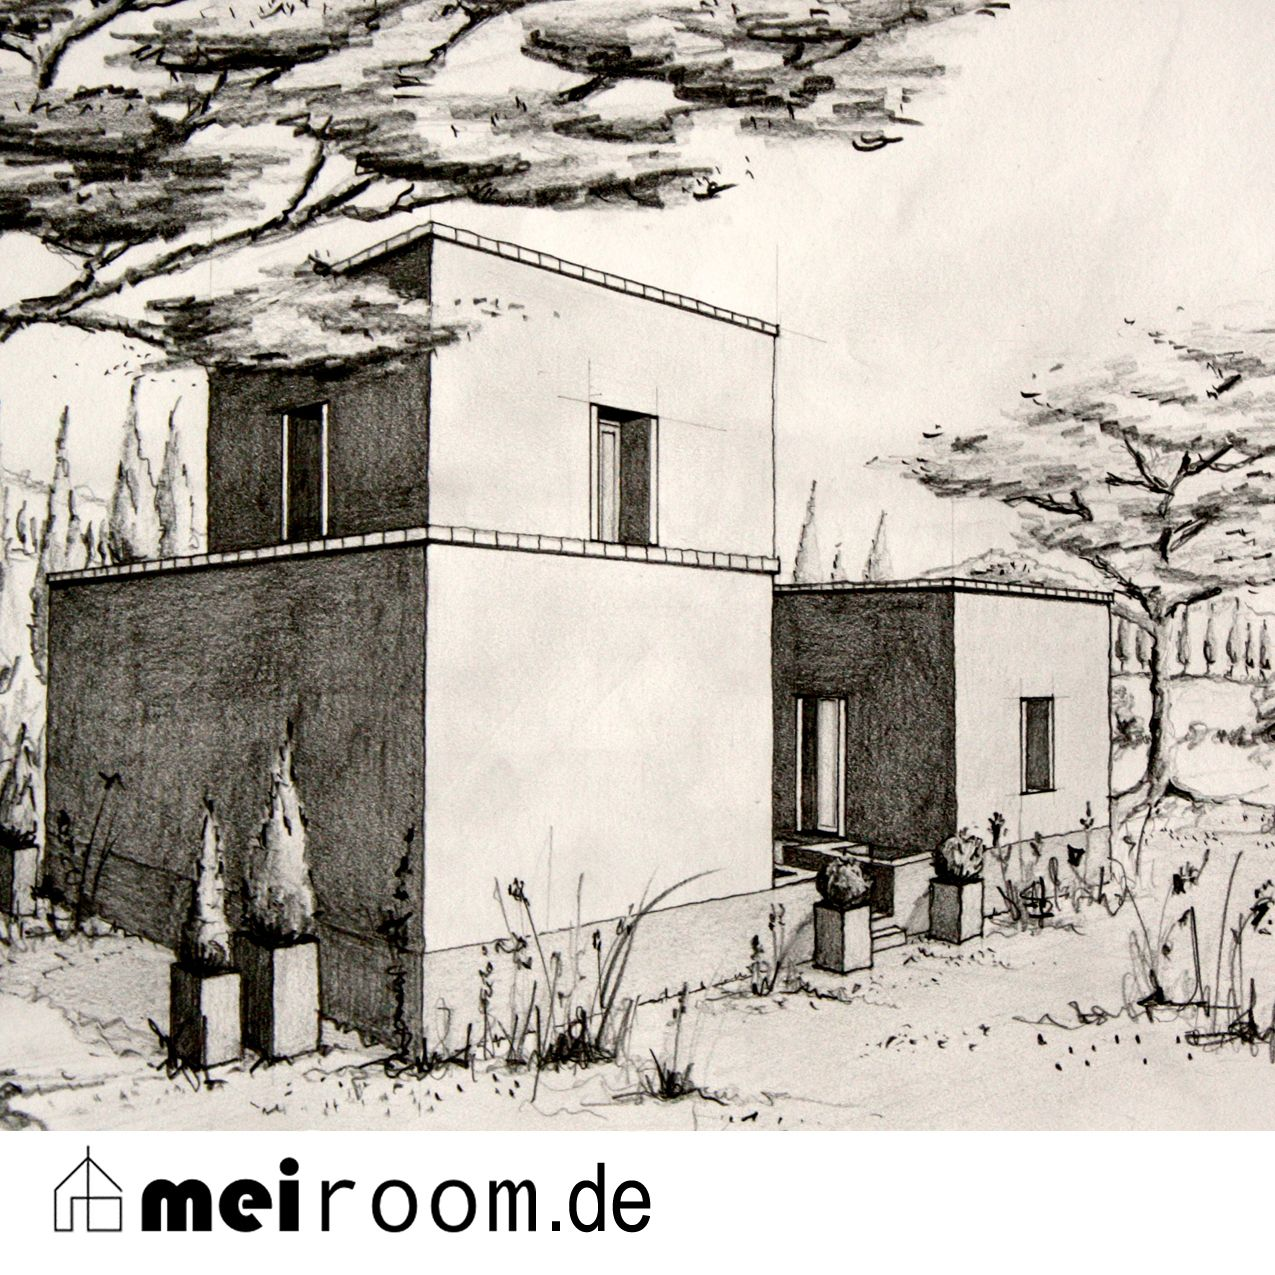 NEUES WOHNGEFÜHL IN DEINEM \'ATRIUM-HAUS\' Wer die Grundstücksgröße ...